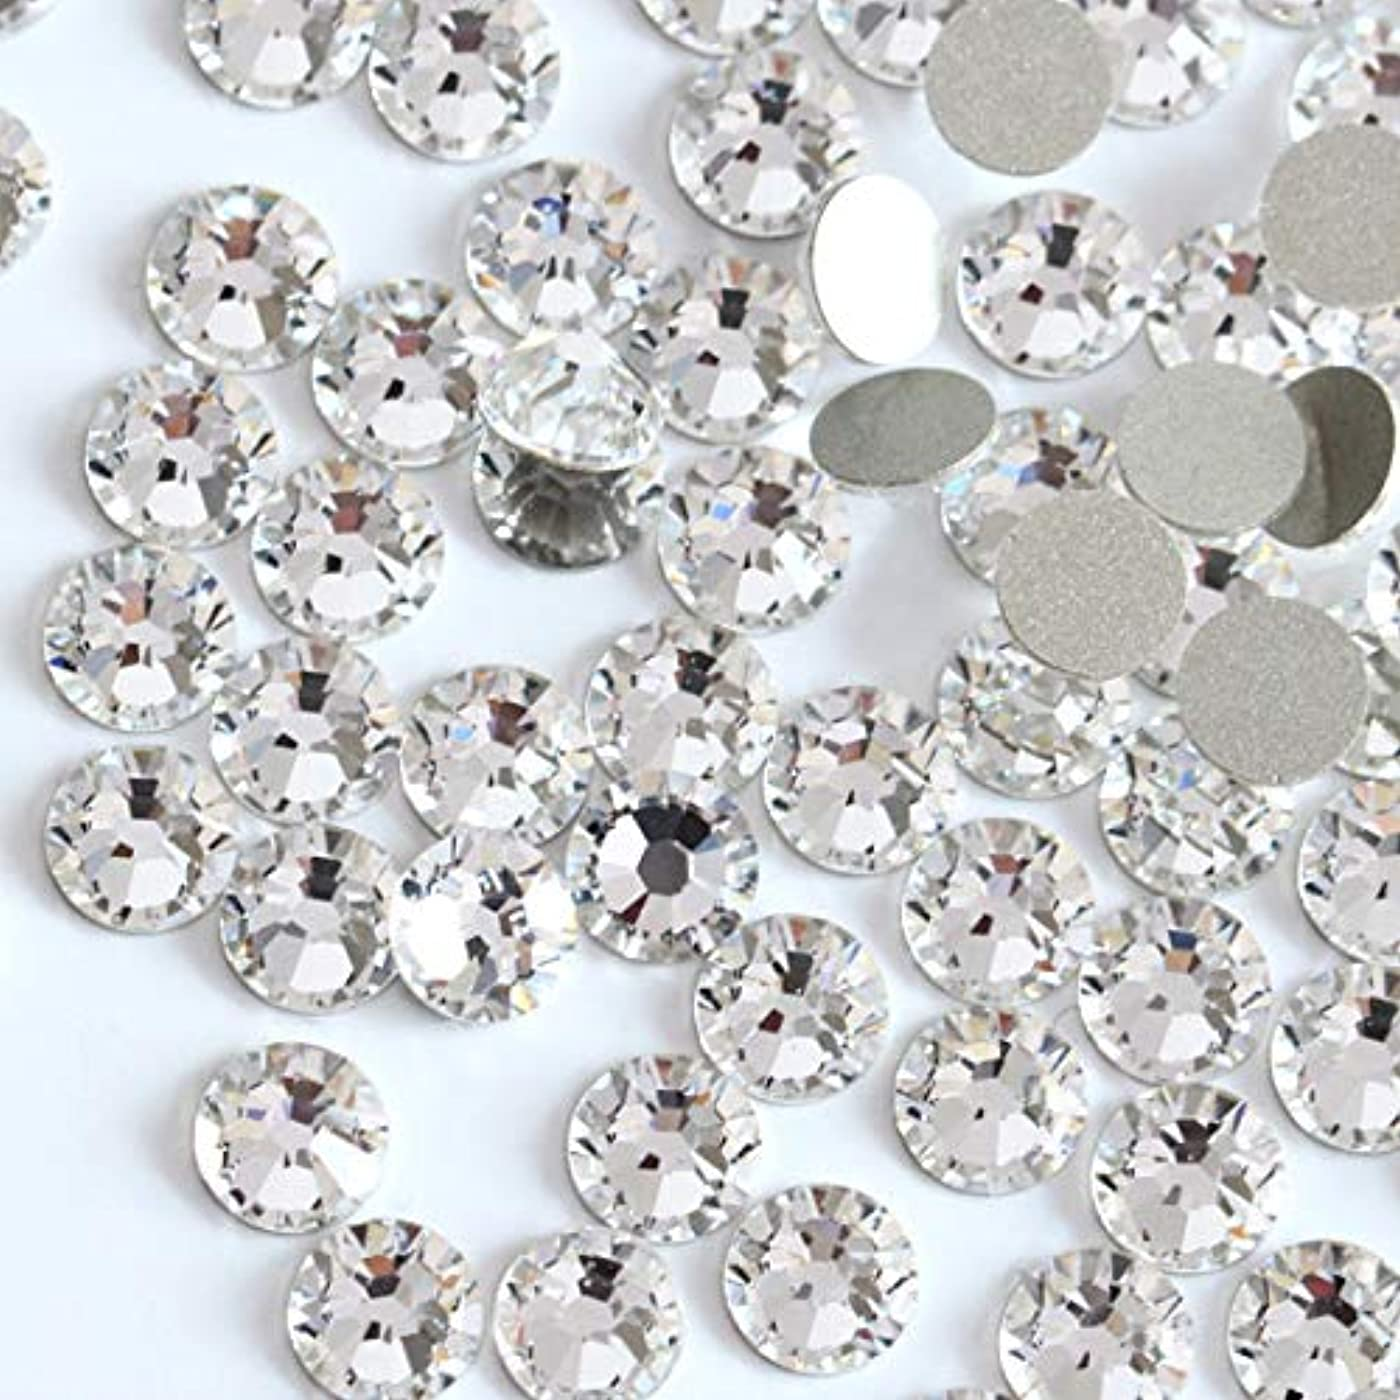 流行シンカン調整可能【ラインストーン77】 超高級 ガラス製ラインストーン SS4~SS40 クリスタル スワロフスキー同等(2.2mm (SS8) 約200粒)